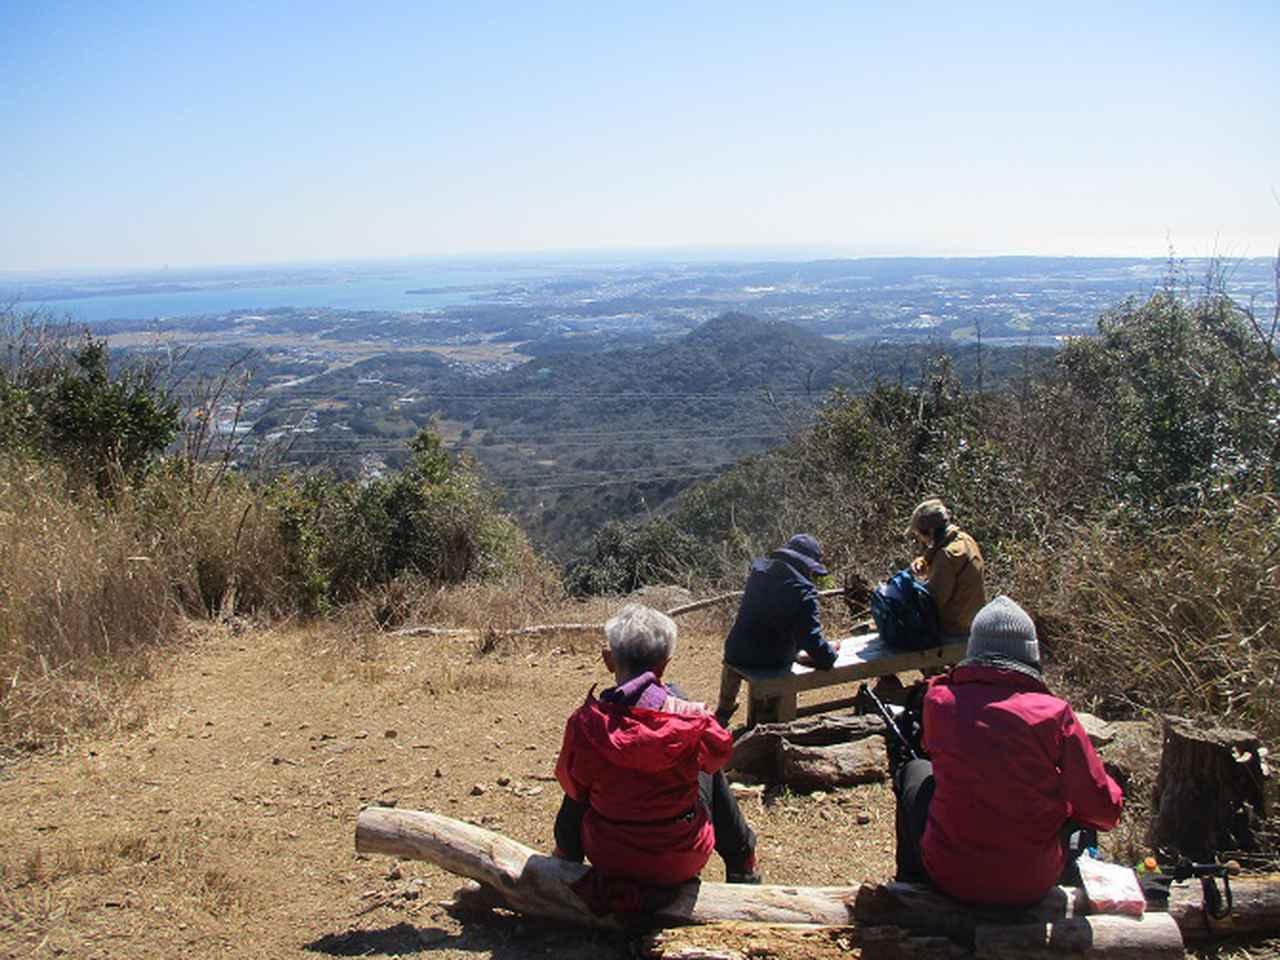 画像8: 3月5日から山旅会 「田原アルプスと神石山」 ツアーに行ってきました!